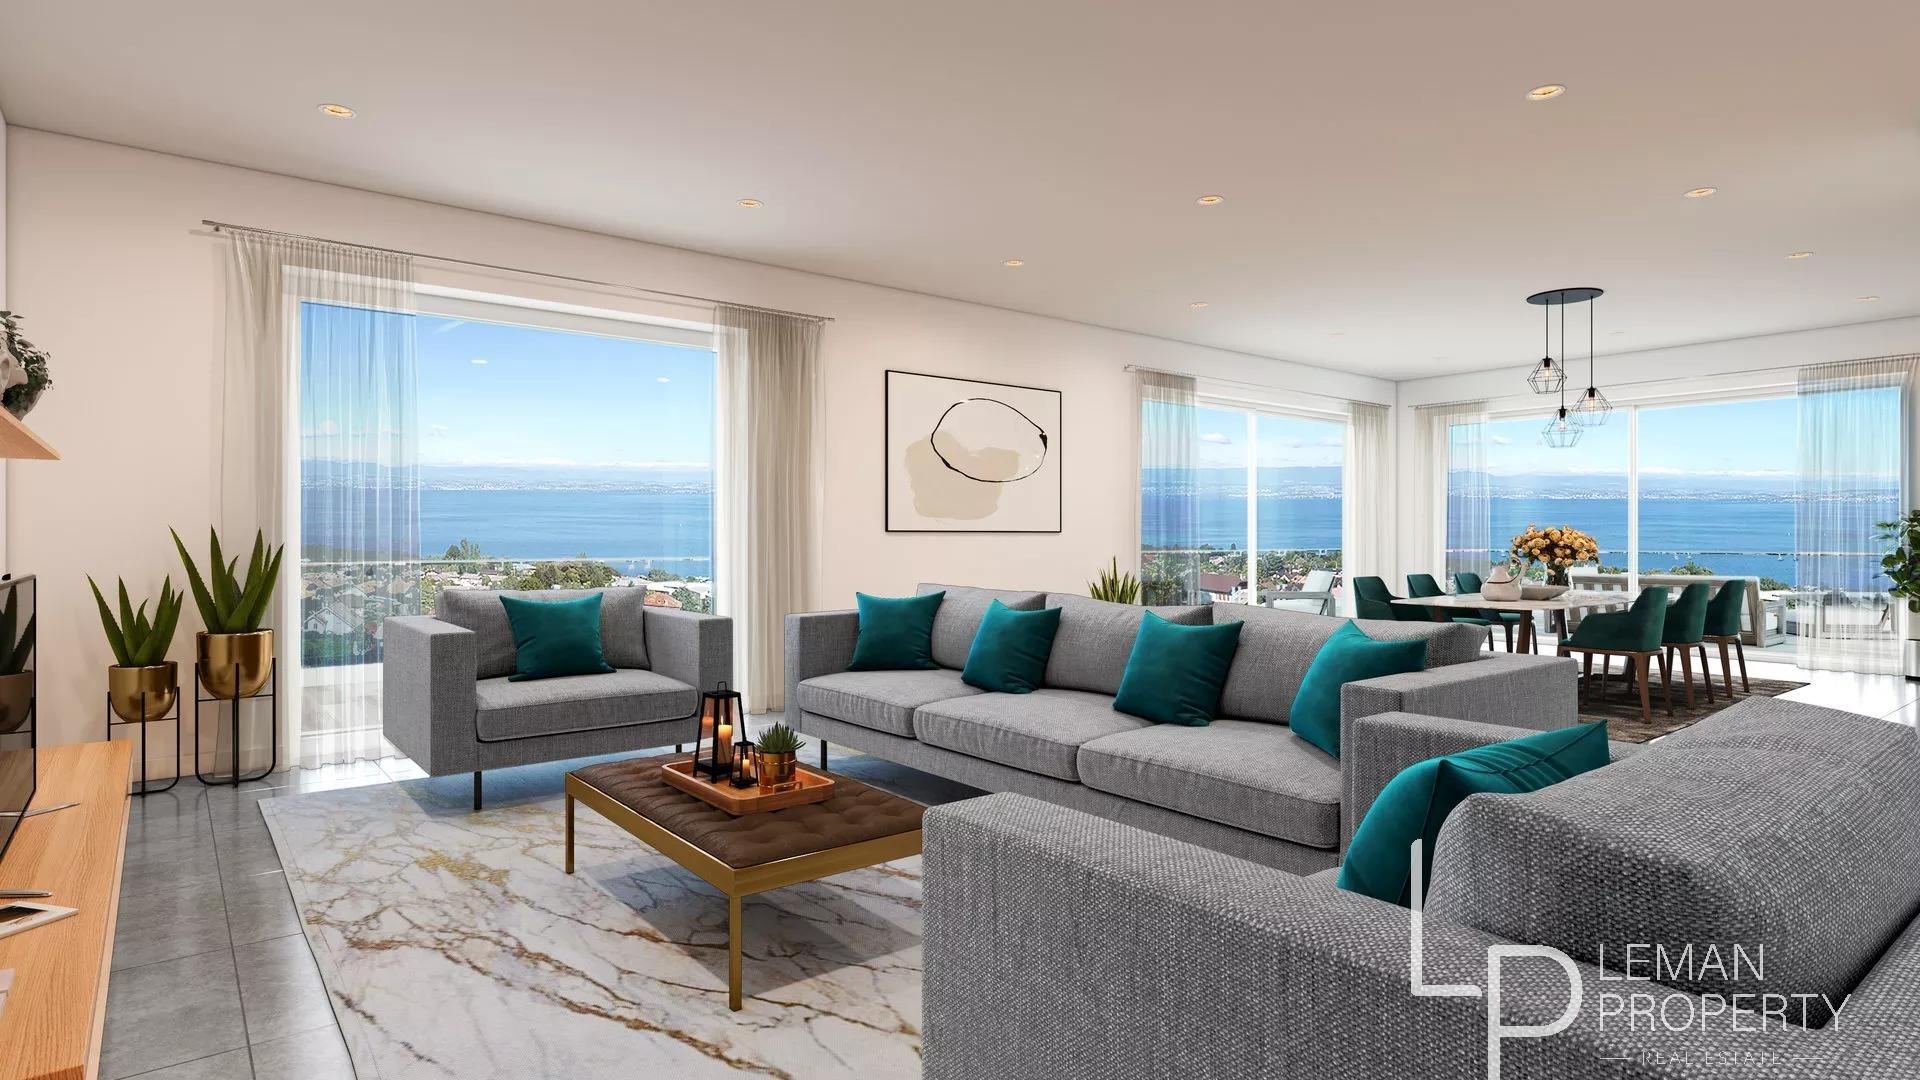 Vente de appartement à Évian-les-Bains au prix de 826700€